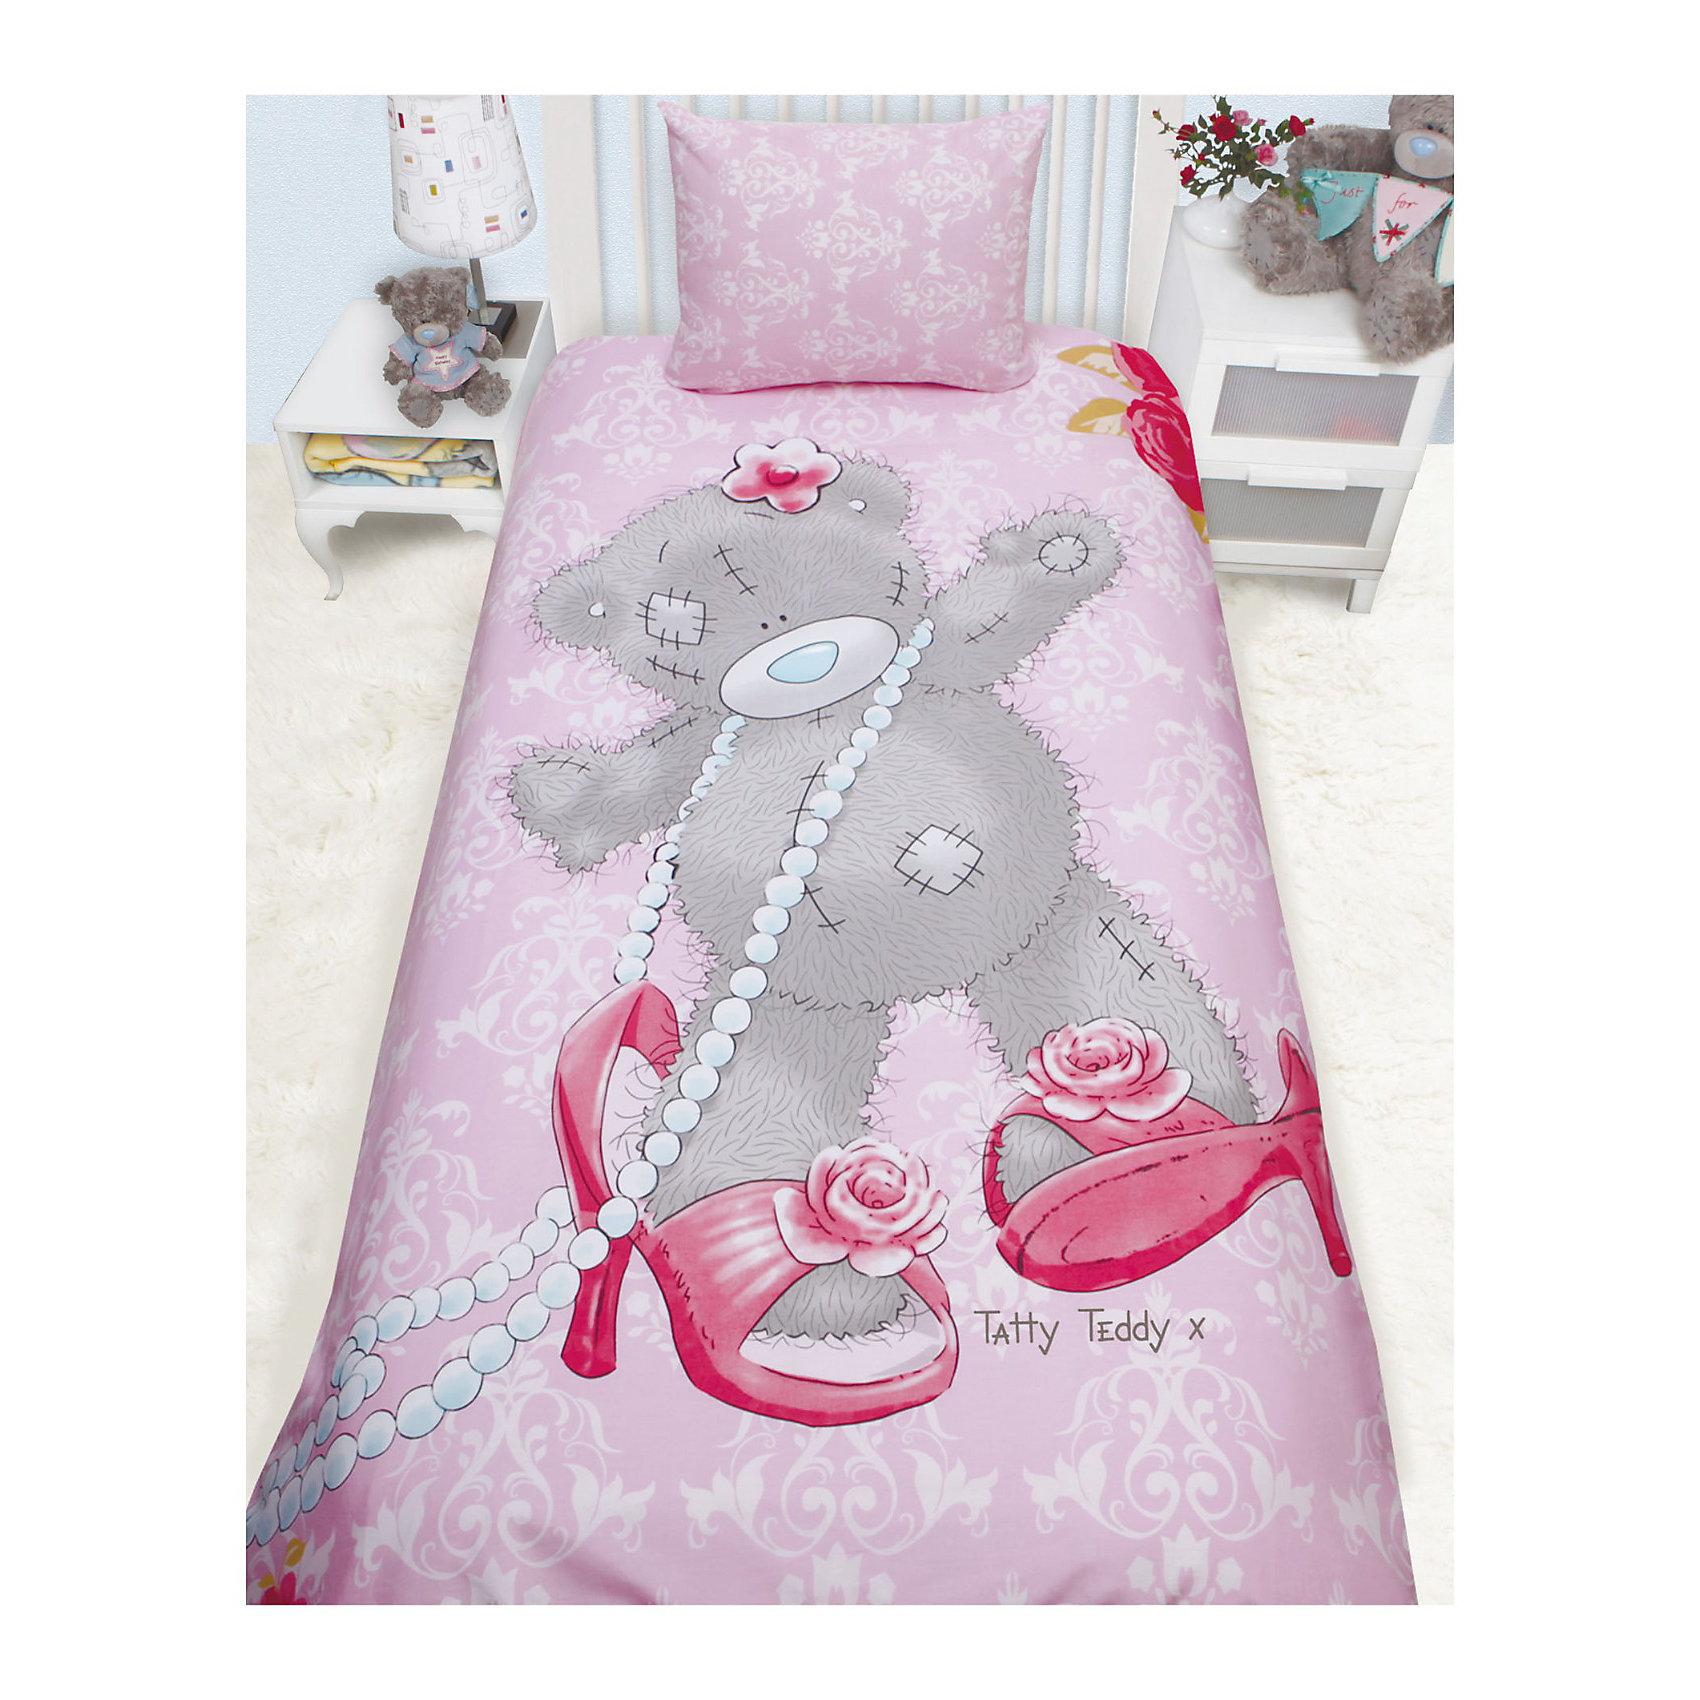 Постельное белье детское Тедди модный, 1,5-спальный, Me to YouУникальный детский комплект постельного белья бренда Me To You Teddy. <br>Теперь сладкий сон Вашего малыша будет оберегать очаровательный и милый символ широко известного бренда Me To You - Мишка Тедди. Медвежонок Teddy ежедневно радует все больше и больше детей и взрослых по всему миру.<br><br>Дополнительная информация:<br><br>- ткань: бязь импортная (100% хлопок), плотность 115 г/м2. <br>- размеры: 1,5-спальный (на матрас 200х90)<br>- наволочка: 50х70 см. <br>- простыня: 150х215 см. <br>- пододеяльник: 145х210 см.(1шт). <br><br>Комплект постельного белья Teddy модный, 1,5 сп., Me to You можно купить в  нашем интернет магазине.<br><br>Ширина мм: 330<br>Глубина мм: 250<br>Высота мм: 45<br>Вес г: 1250<br>Возраст от месяцев: 36<br>Возраст до месяцев: 144<br>Пол: Женский<br>Возраст: Детский<br>SKU: 3618809